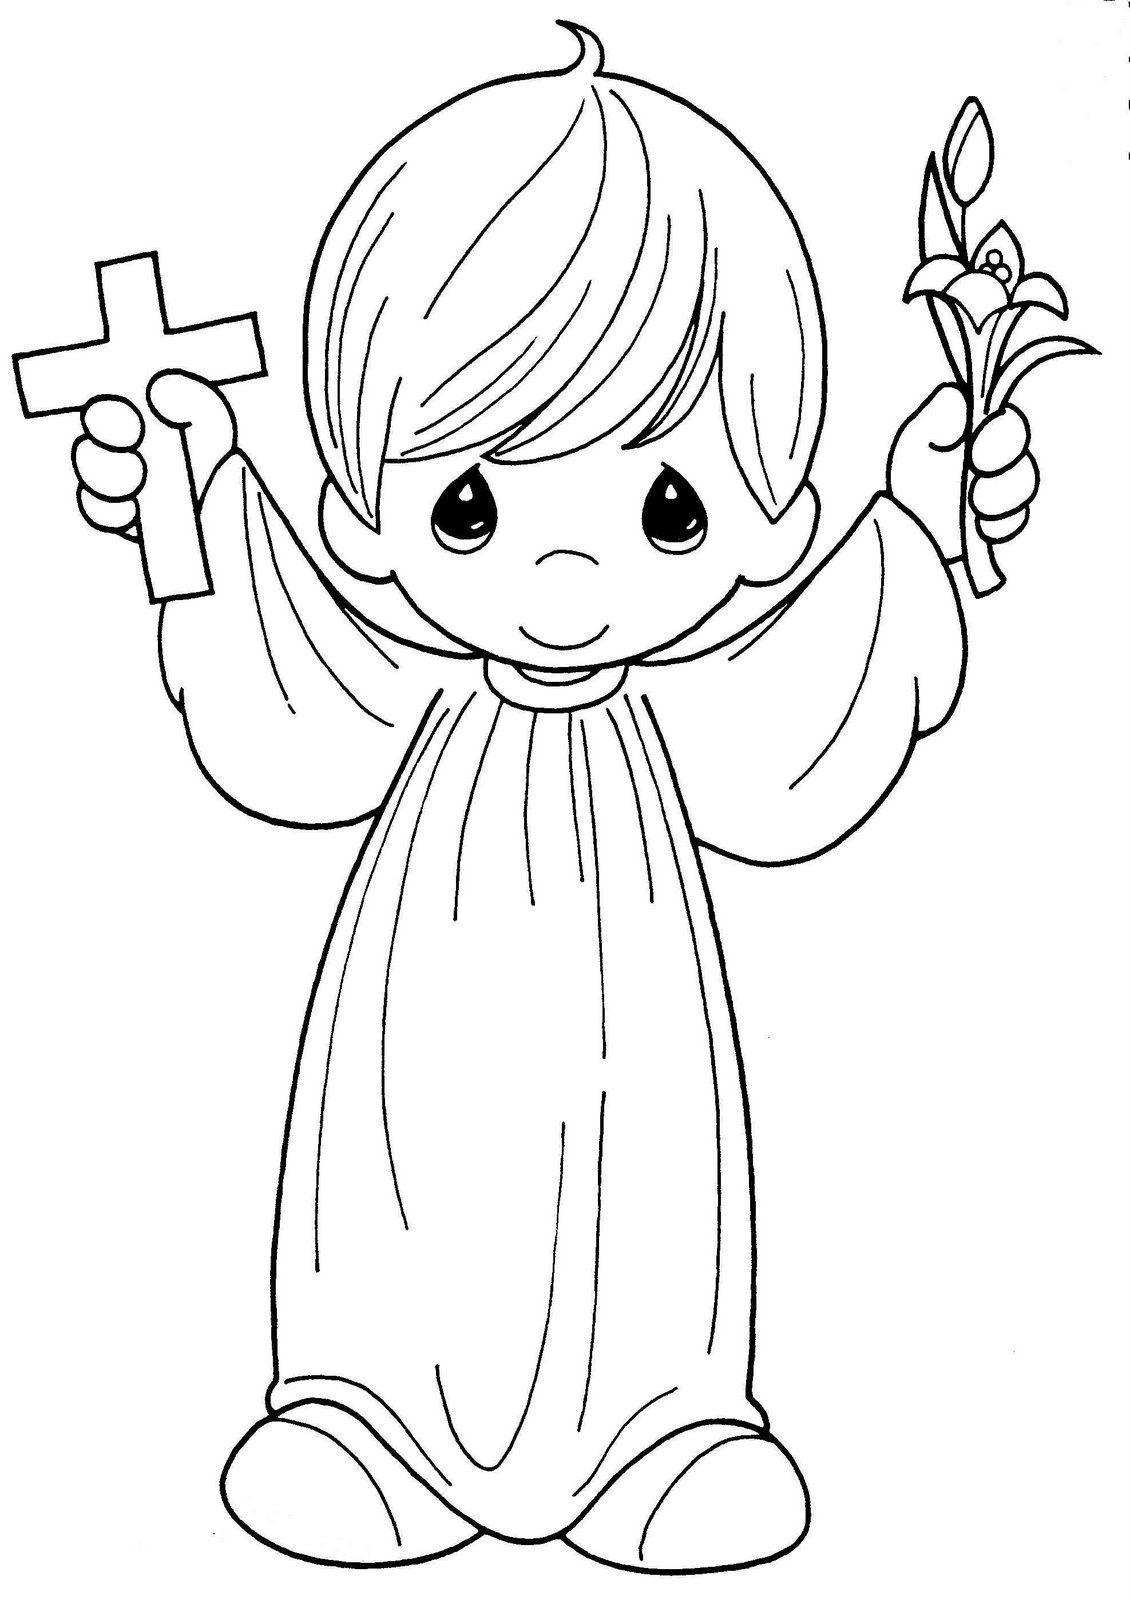 biblicos para colorear dibujos de preciosos momentos dibujos en ...